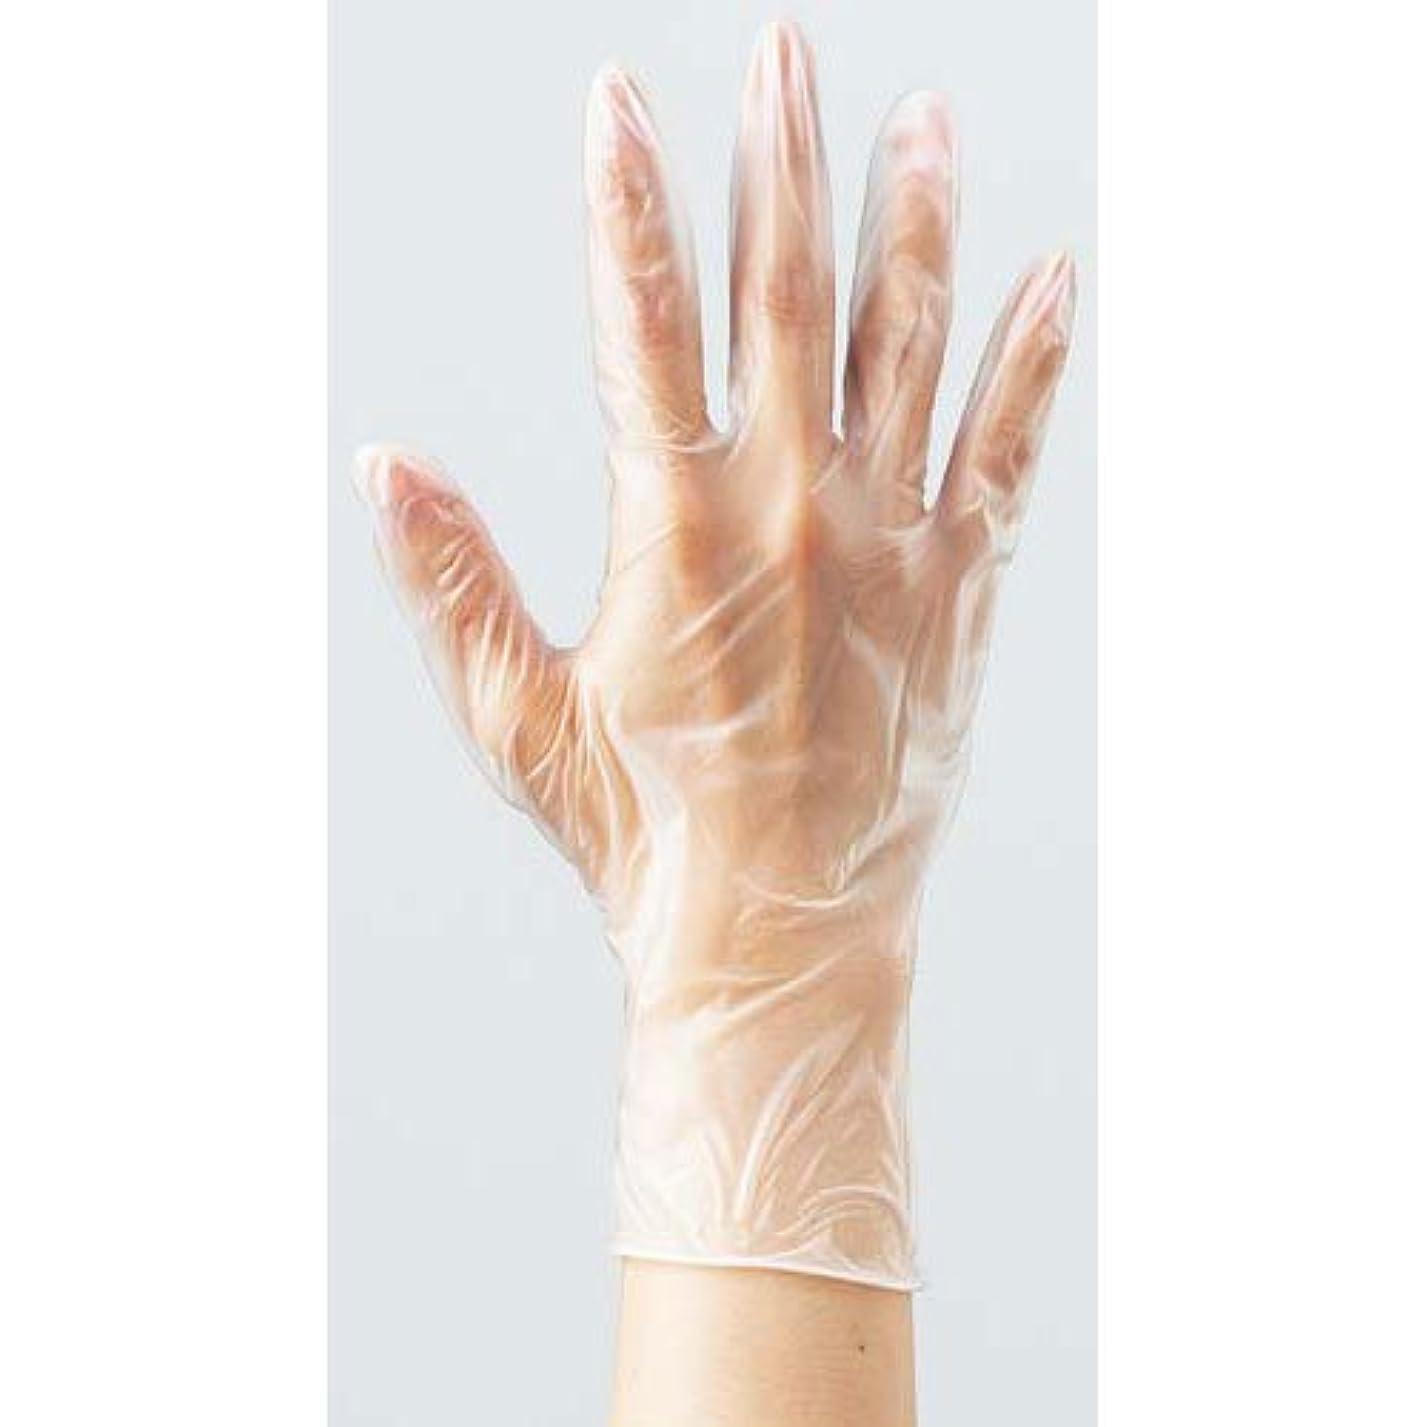 小間もしましいカウネット プラスチック手袋 袋入 粉無L 100枚×30